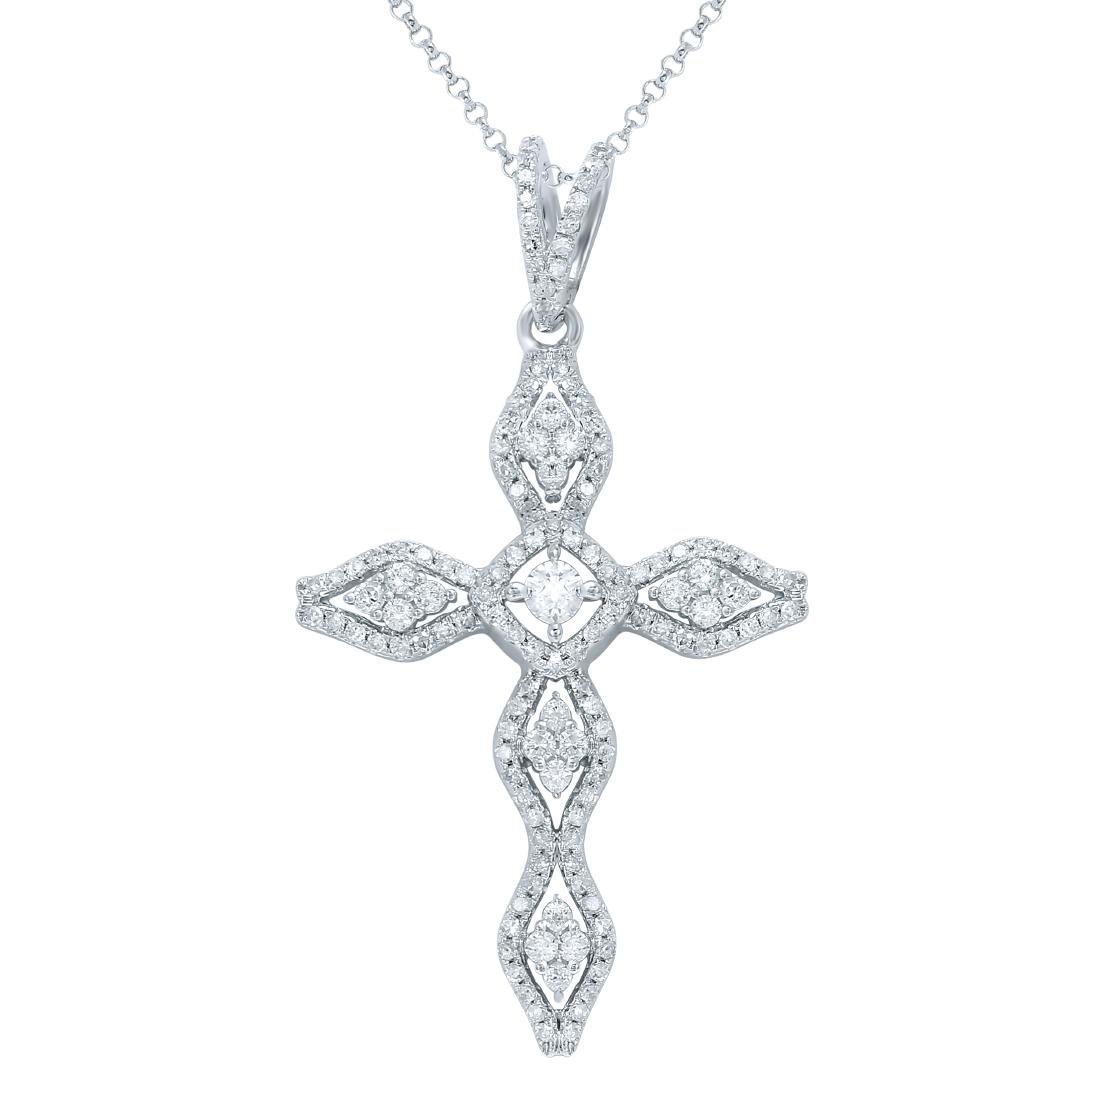 0.65 CTW White Round Diamond Pendant 14K White Gold